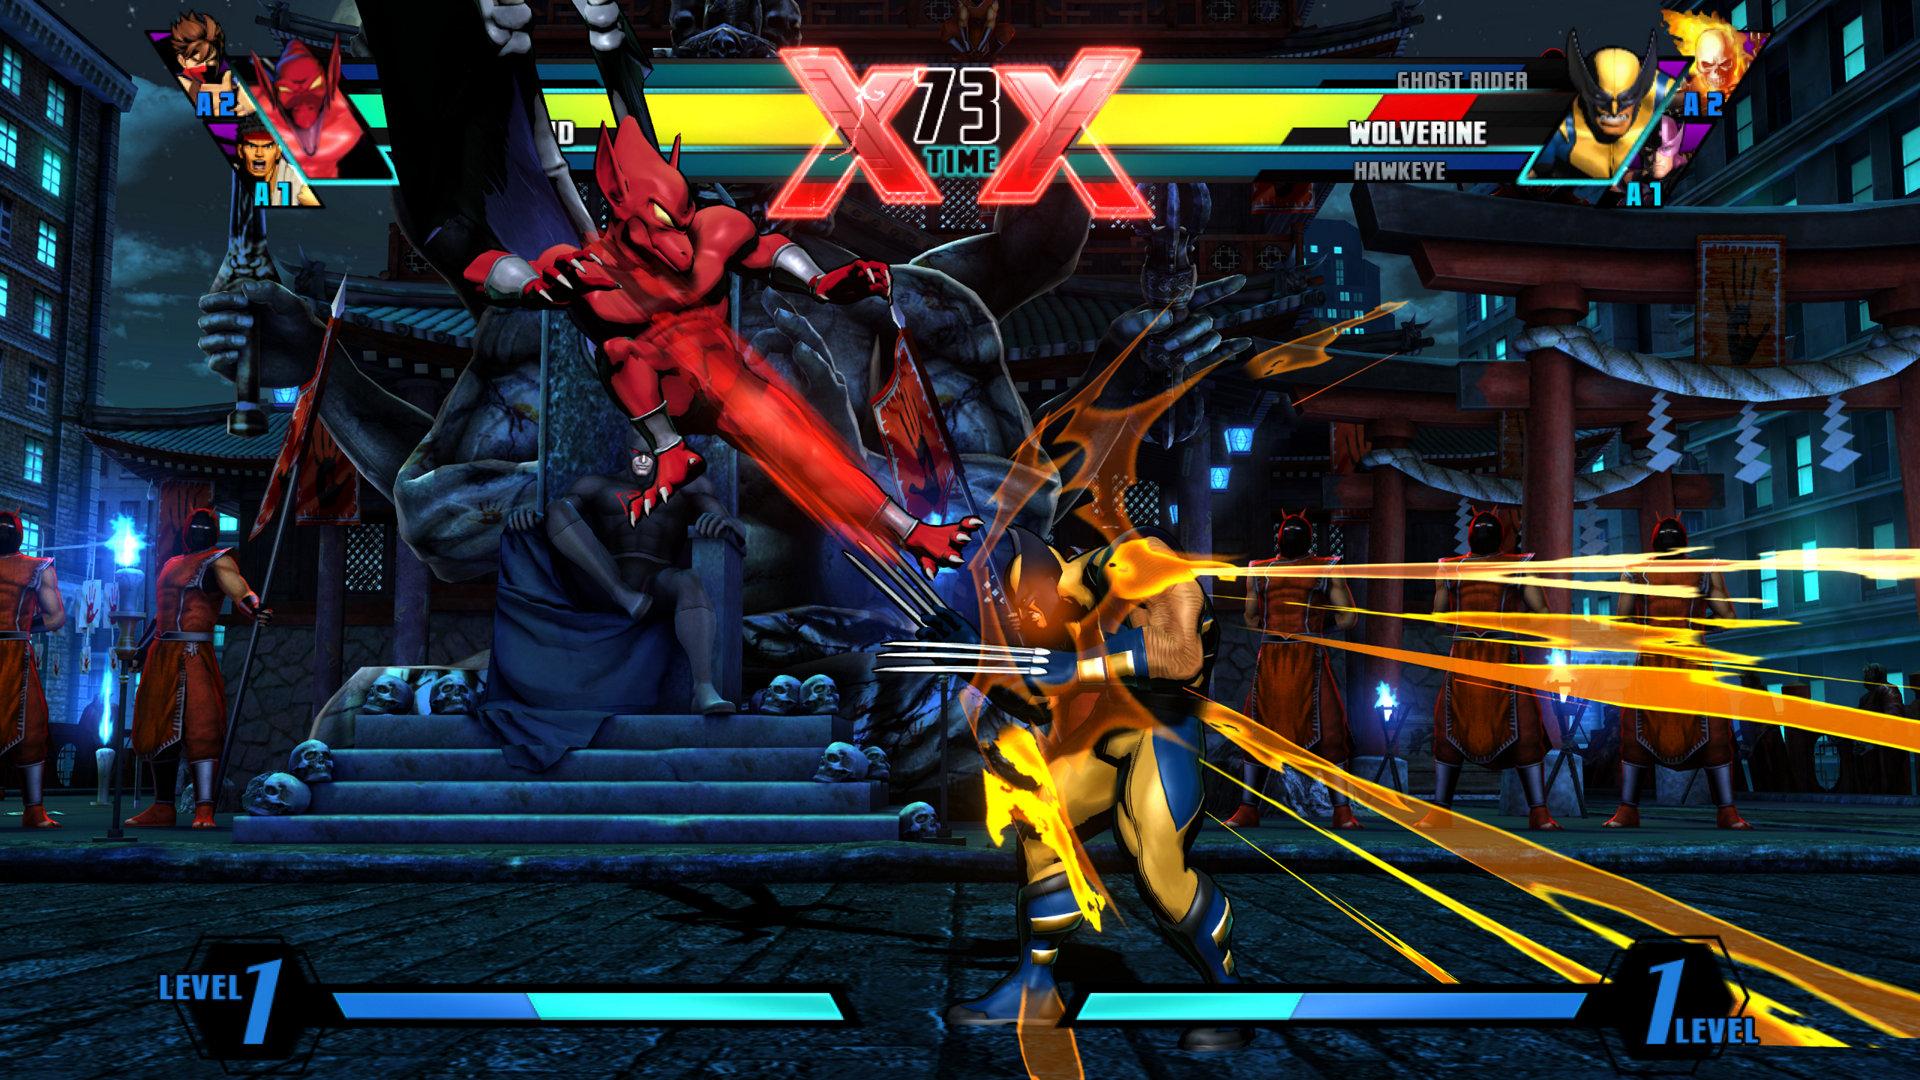 Siêu phẩm Marvel vs Capcom 4 sẽ được ra mắt vào năm 2017 - ảnh 2